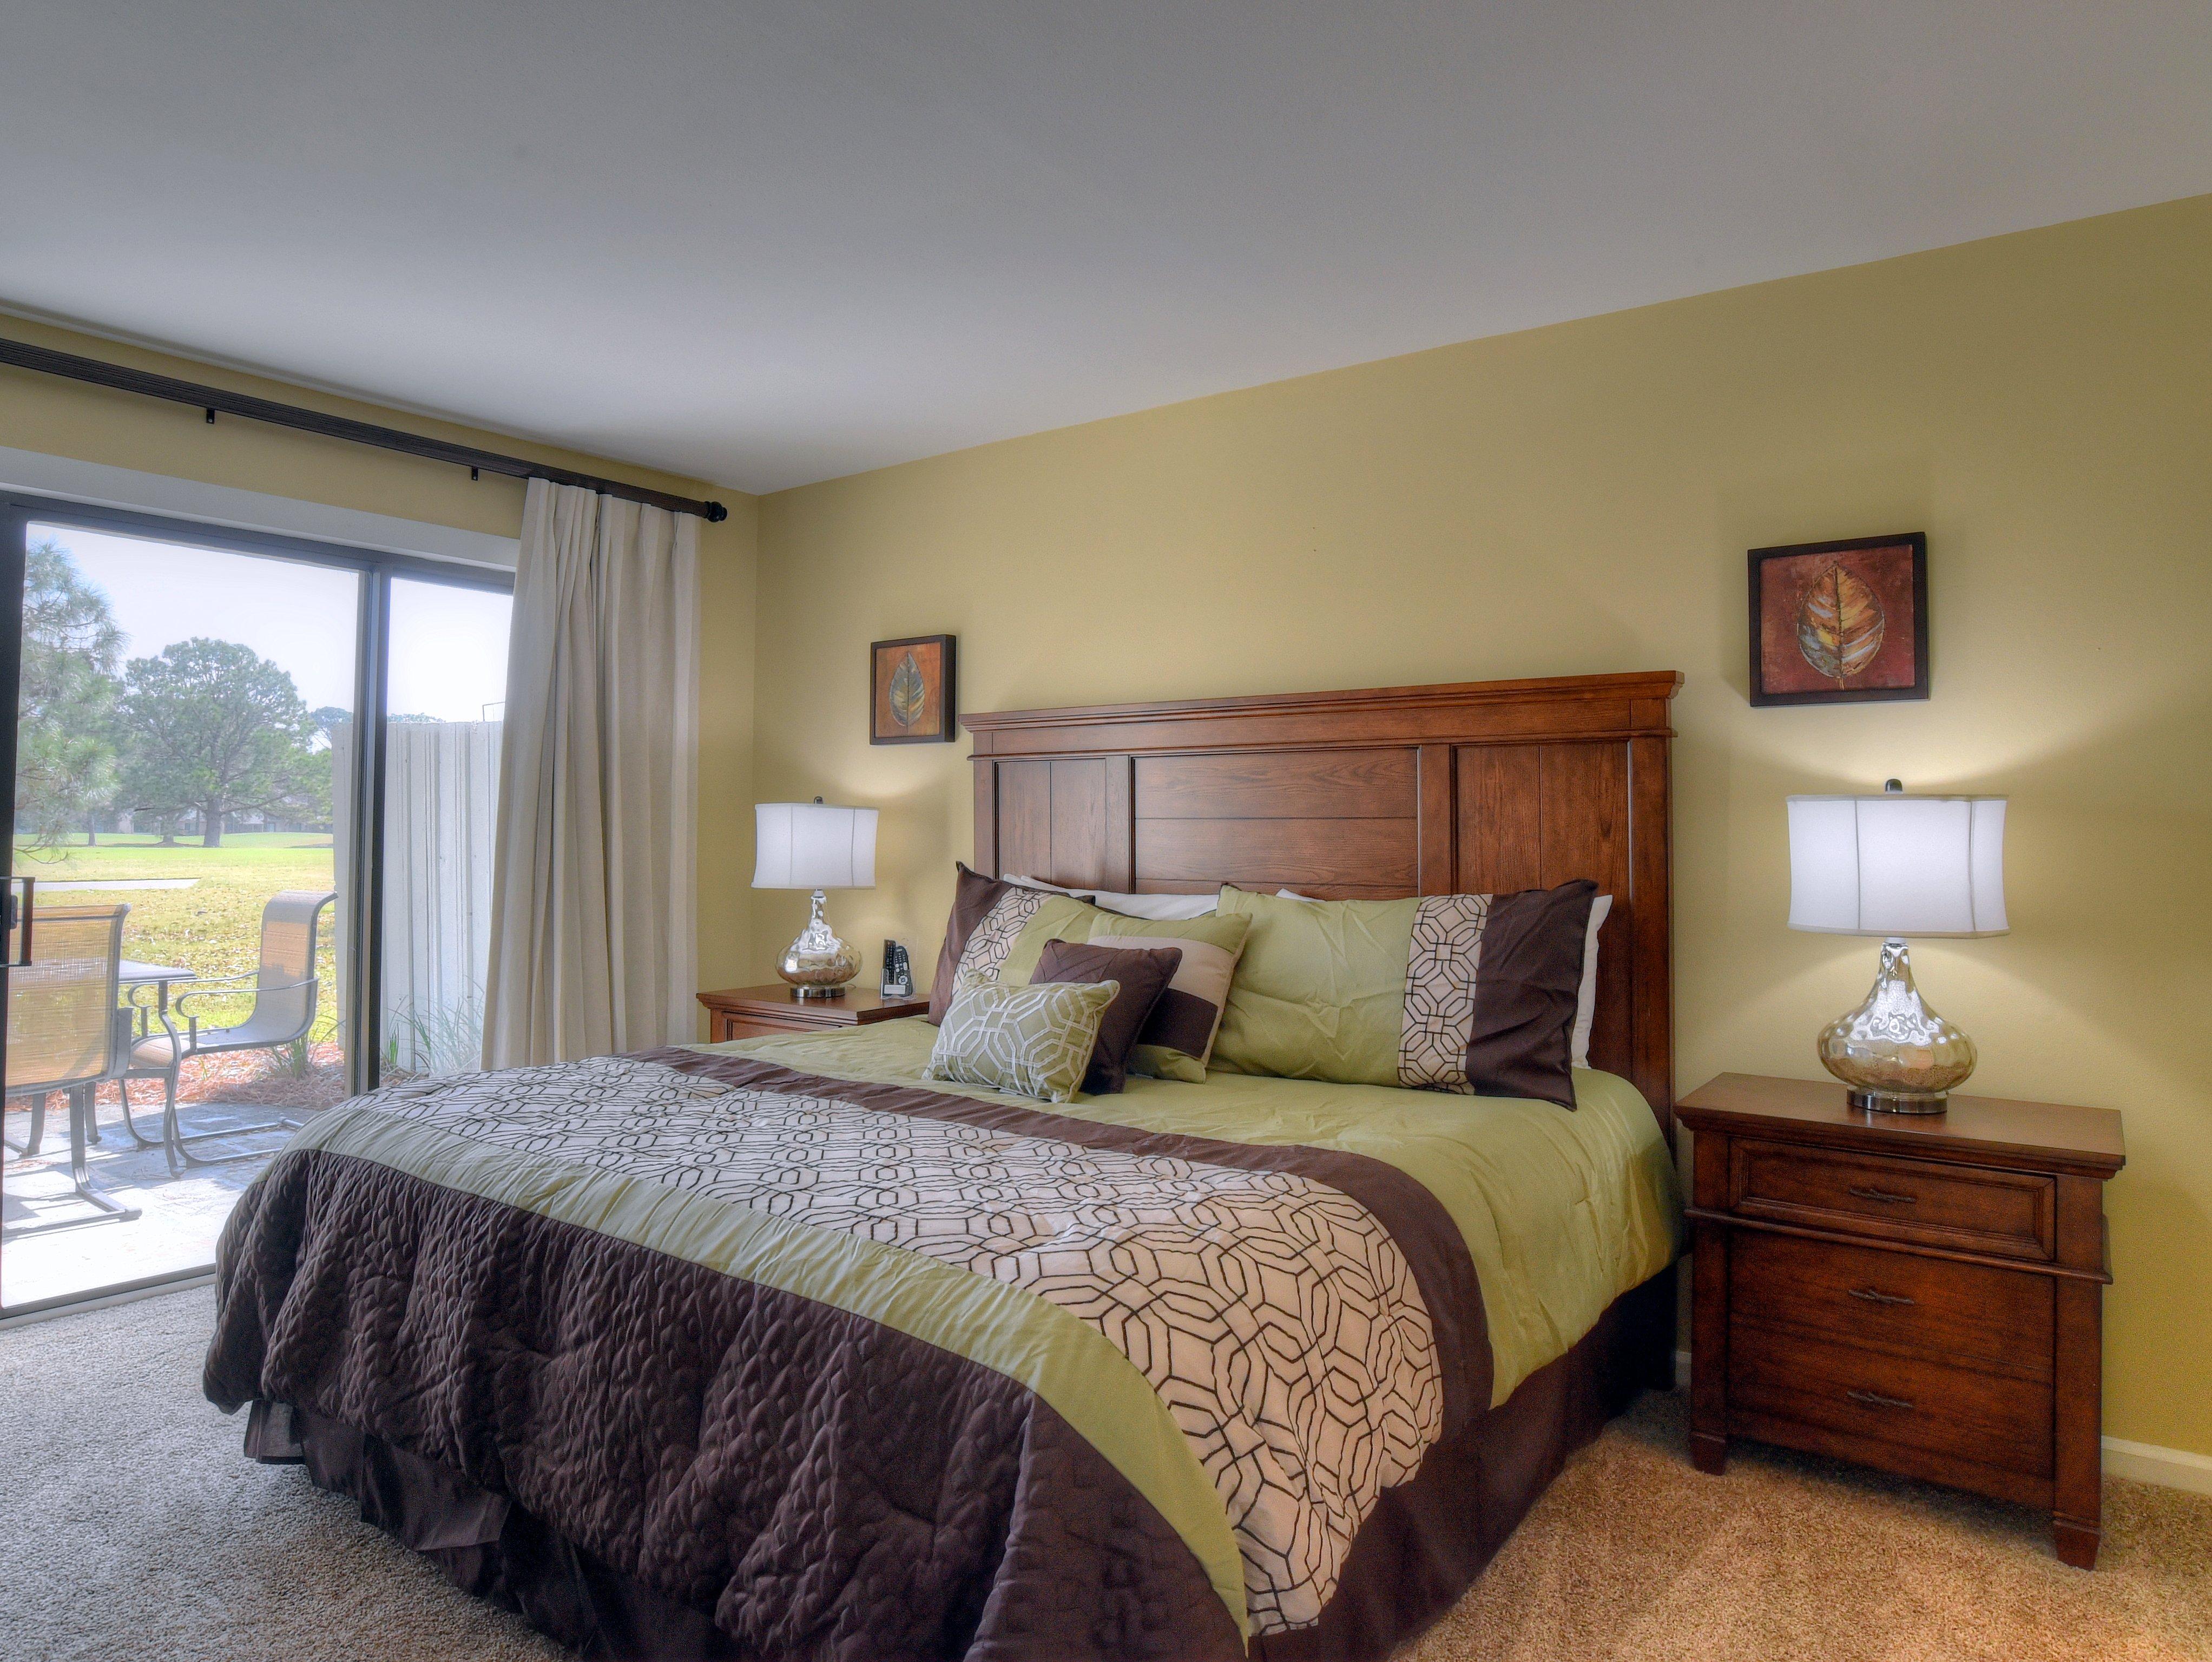 285 Fairways Condo rental in Sandestin Rentals ~ Cottages and Villas  in Destin Florida - #2